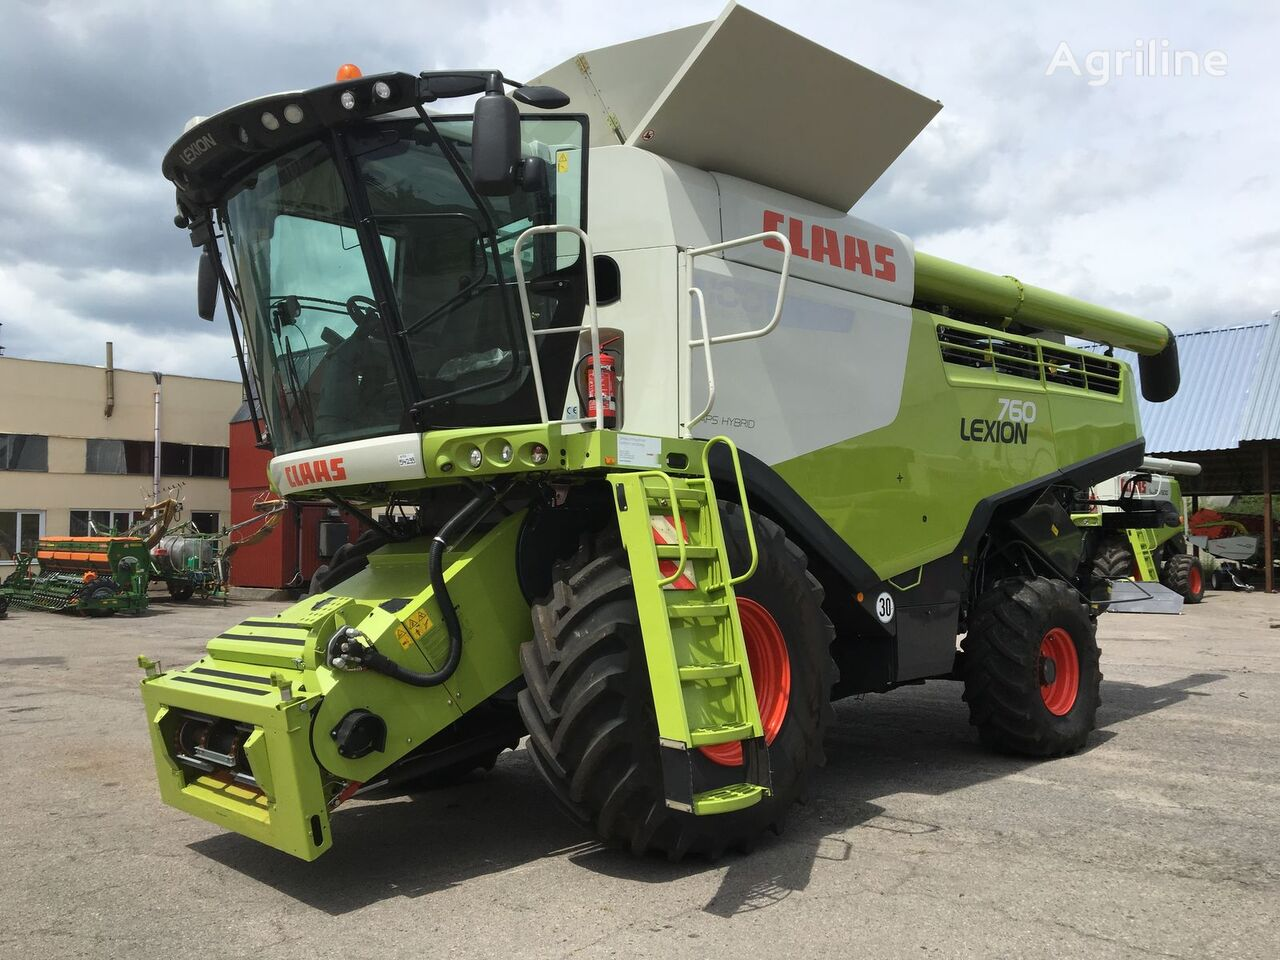 ماكينة حصادة دراسة CLAAS Lexion 760 Z NIMEChChINI